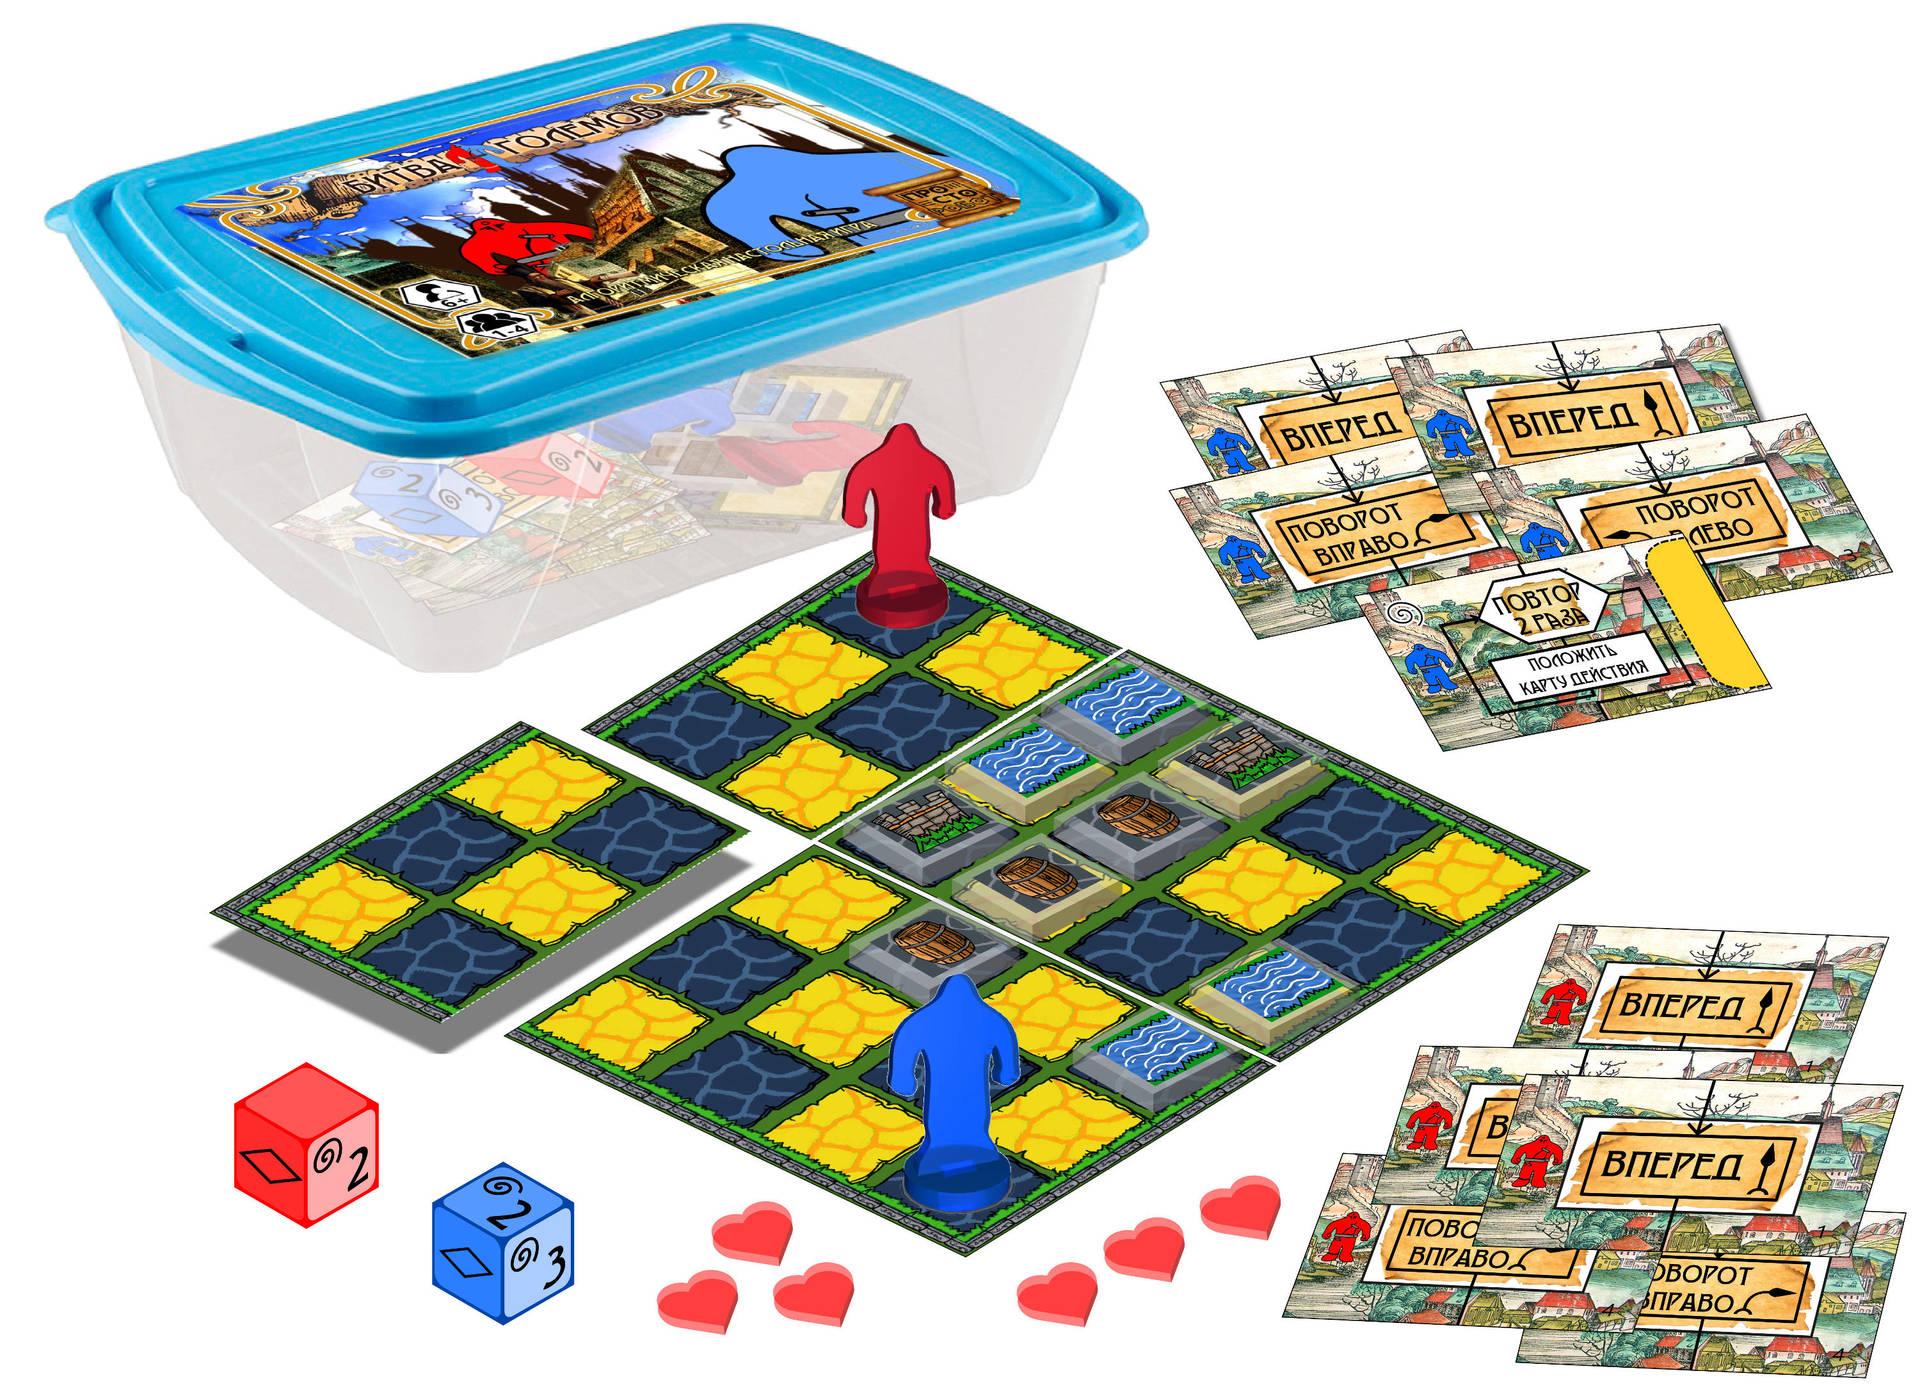 Битва Големов. Как разработать настольную образовательную игру и чего это стоит… - 6